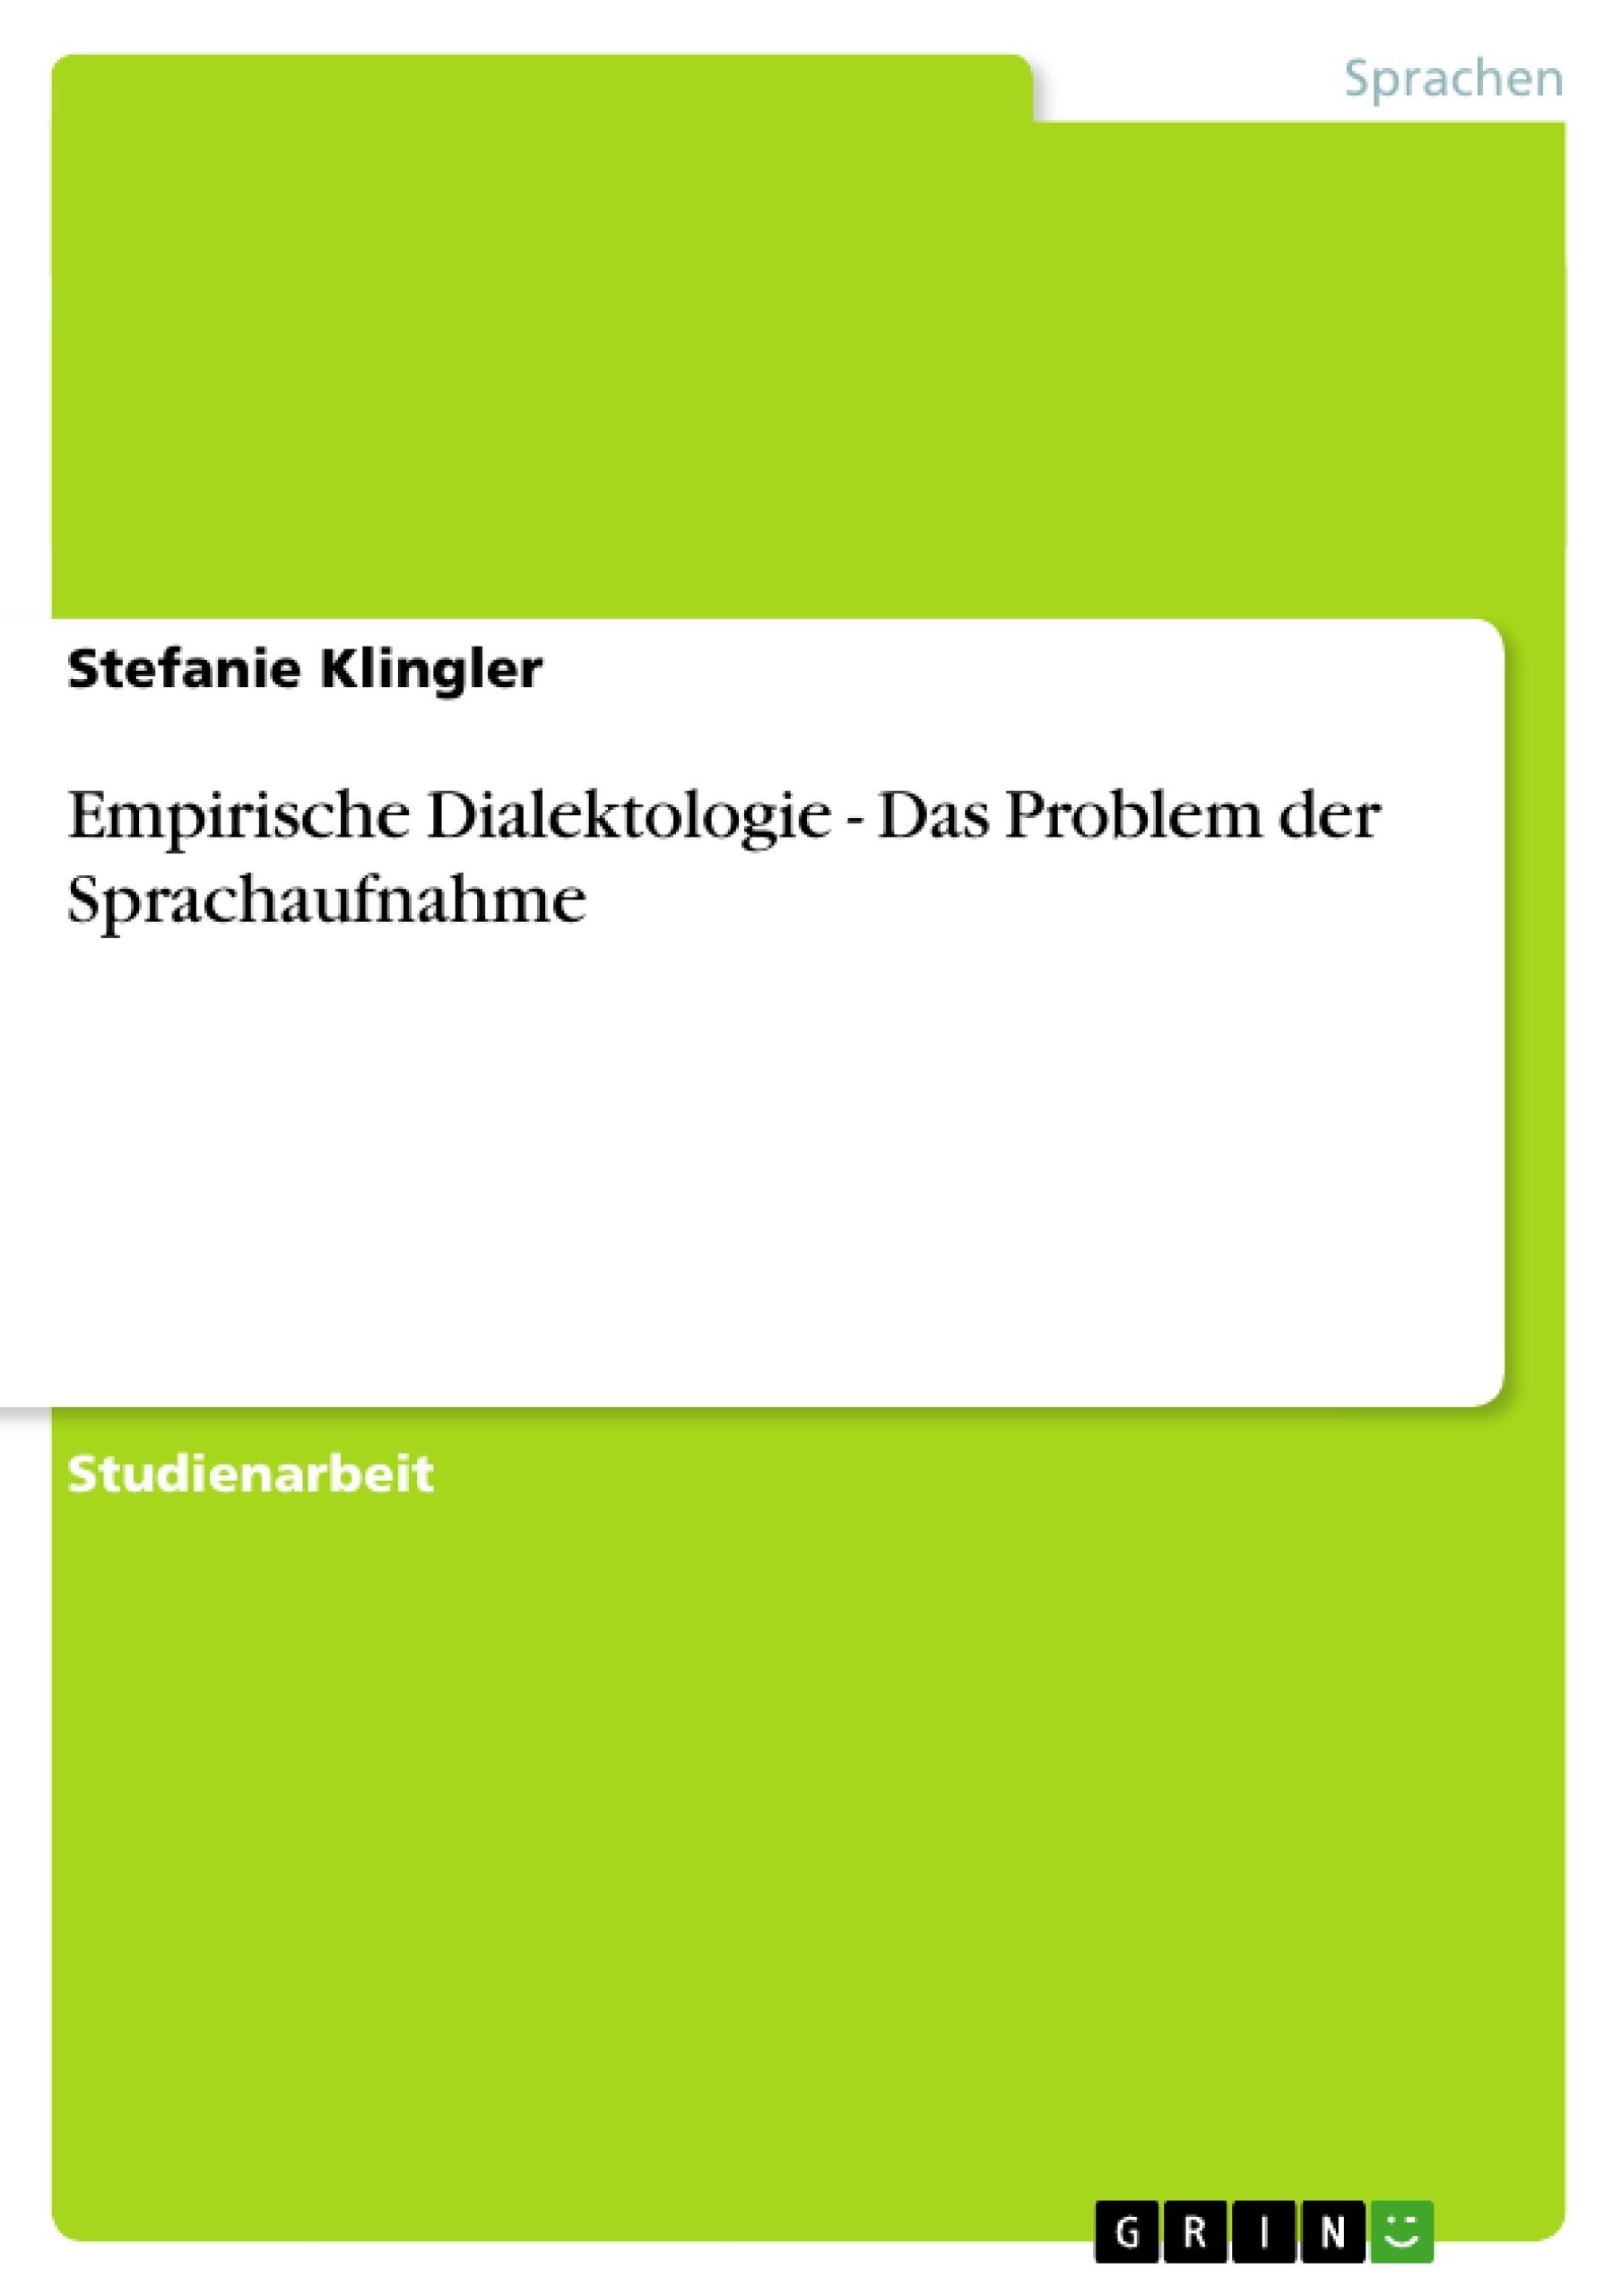 Titel: Empirische Dialektologie - Das Problem der Sprachaufnahme